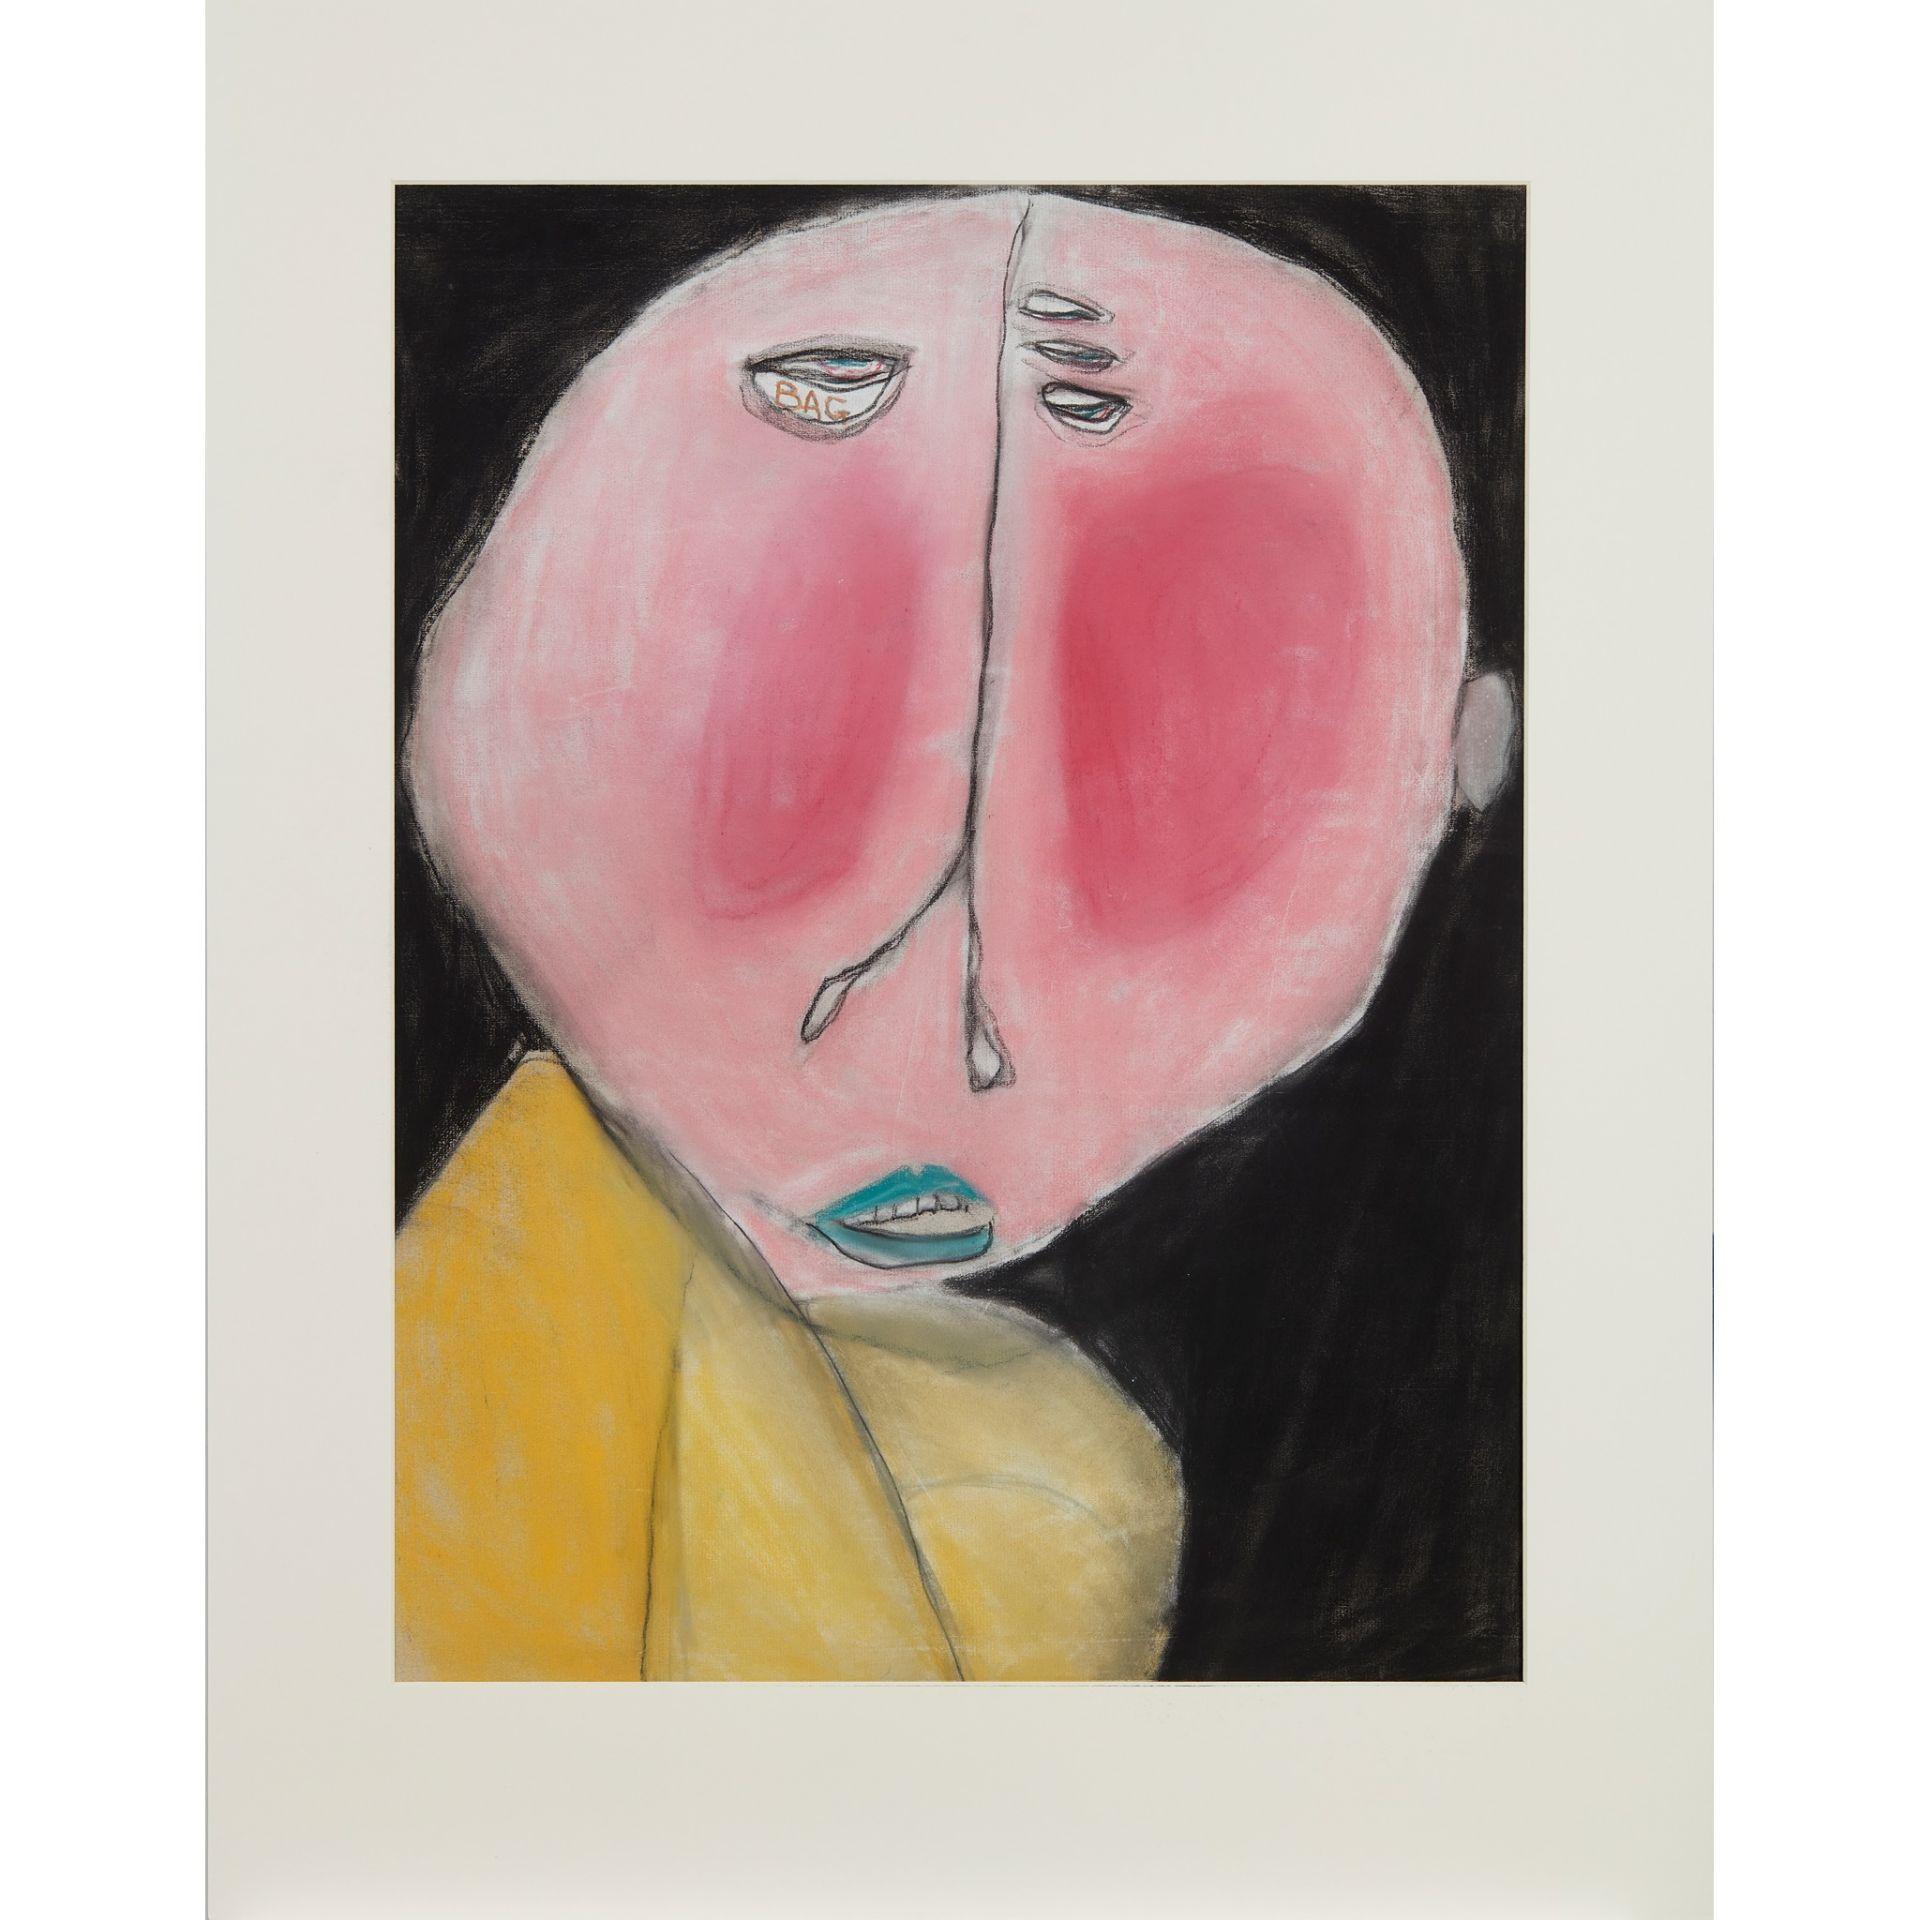 § PATRICIA DOUTHWAITE (SCOTTISH 1939-2002) EYE BAGS - Image 2 of 3